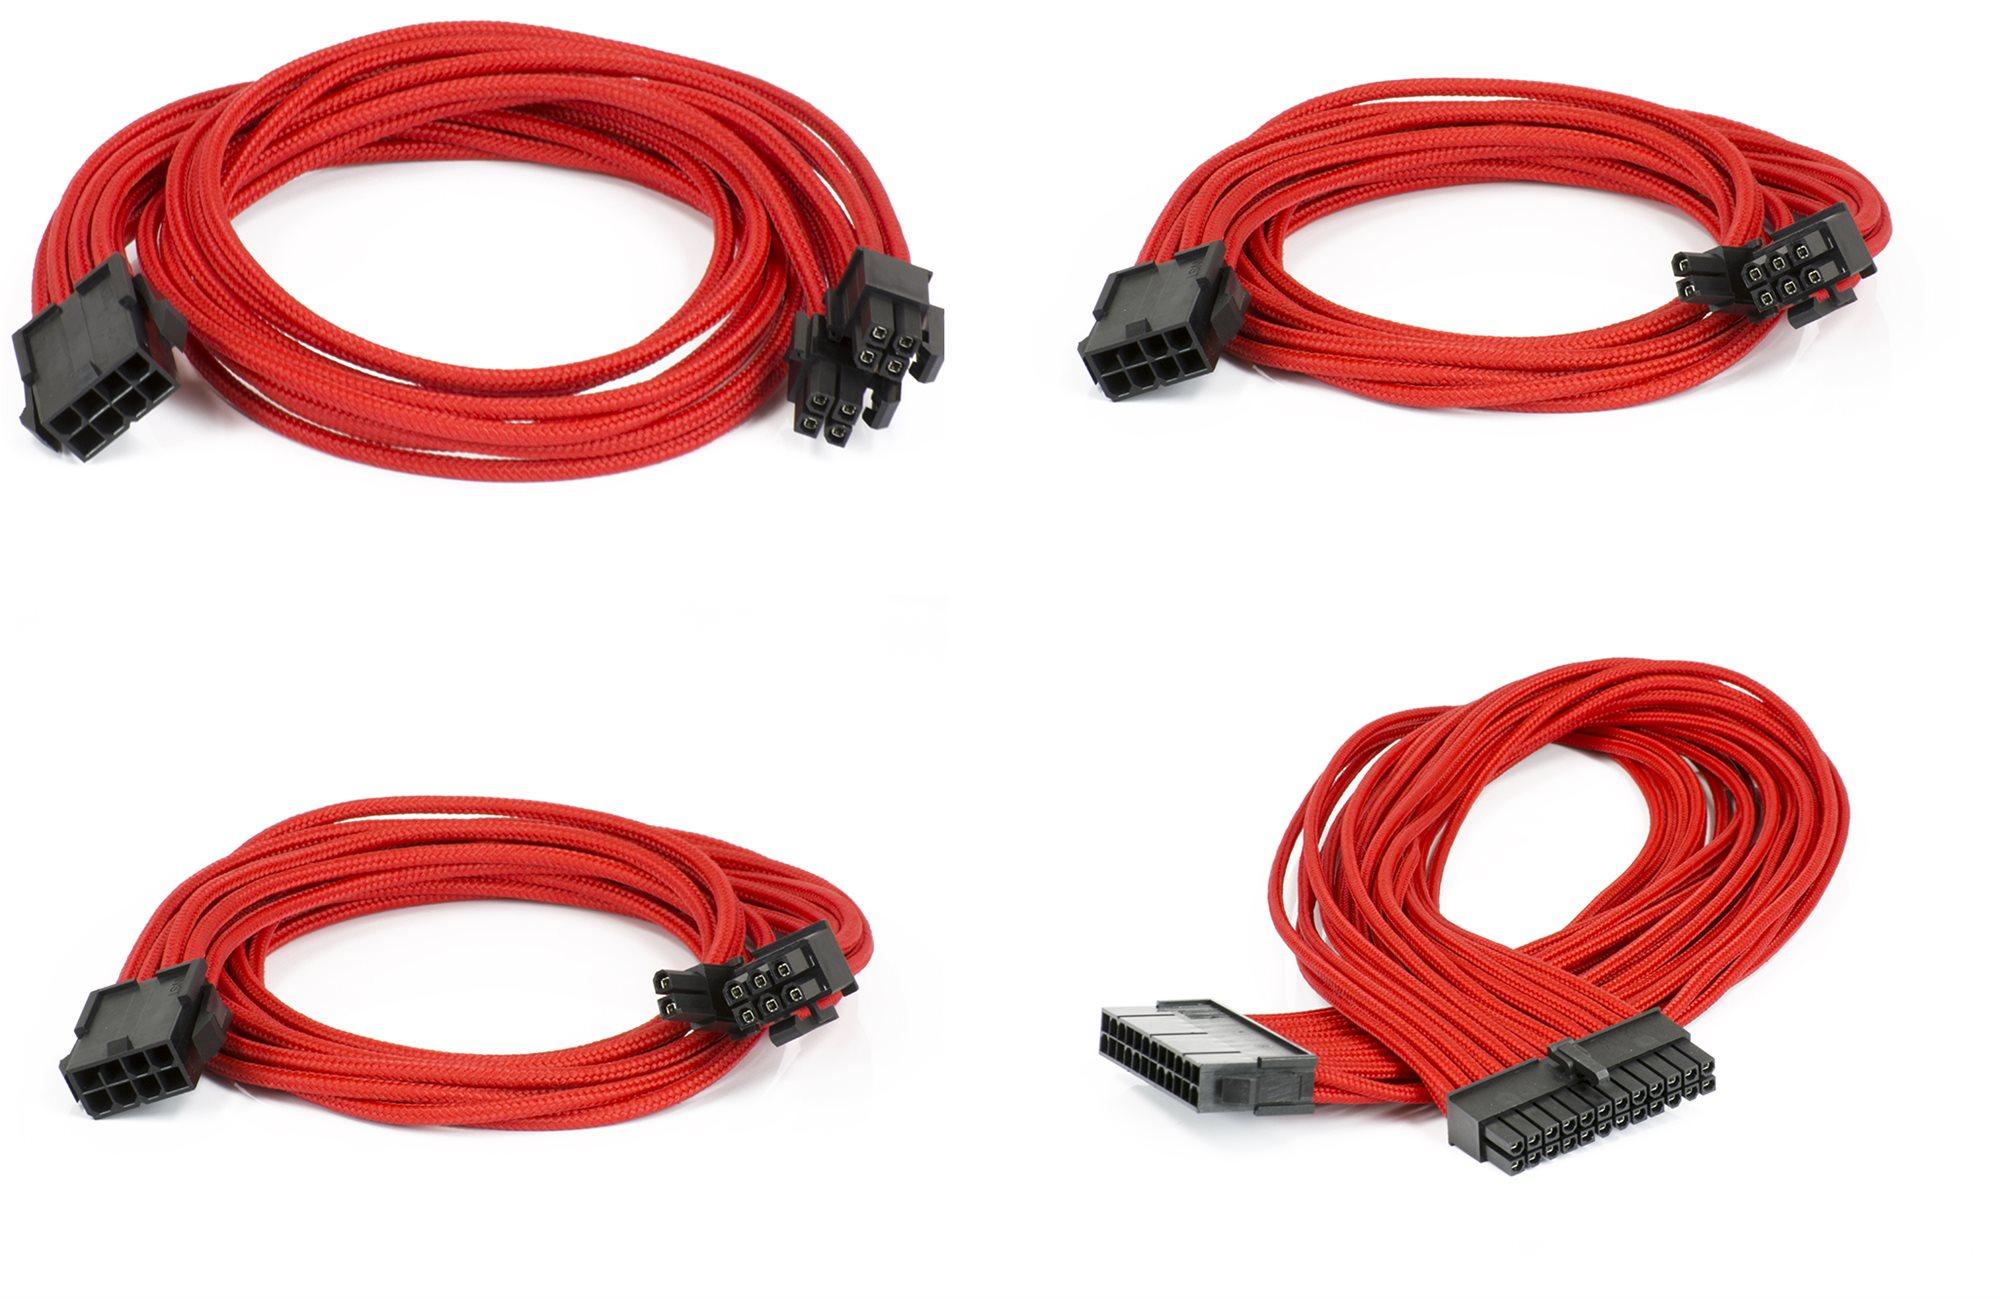 Phanteks hosszabbító kábel szett - piros